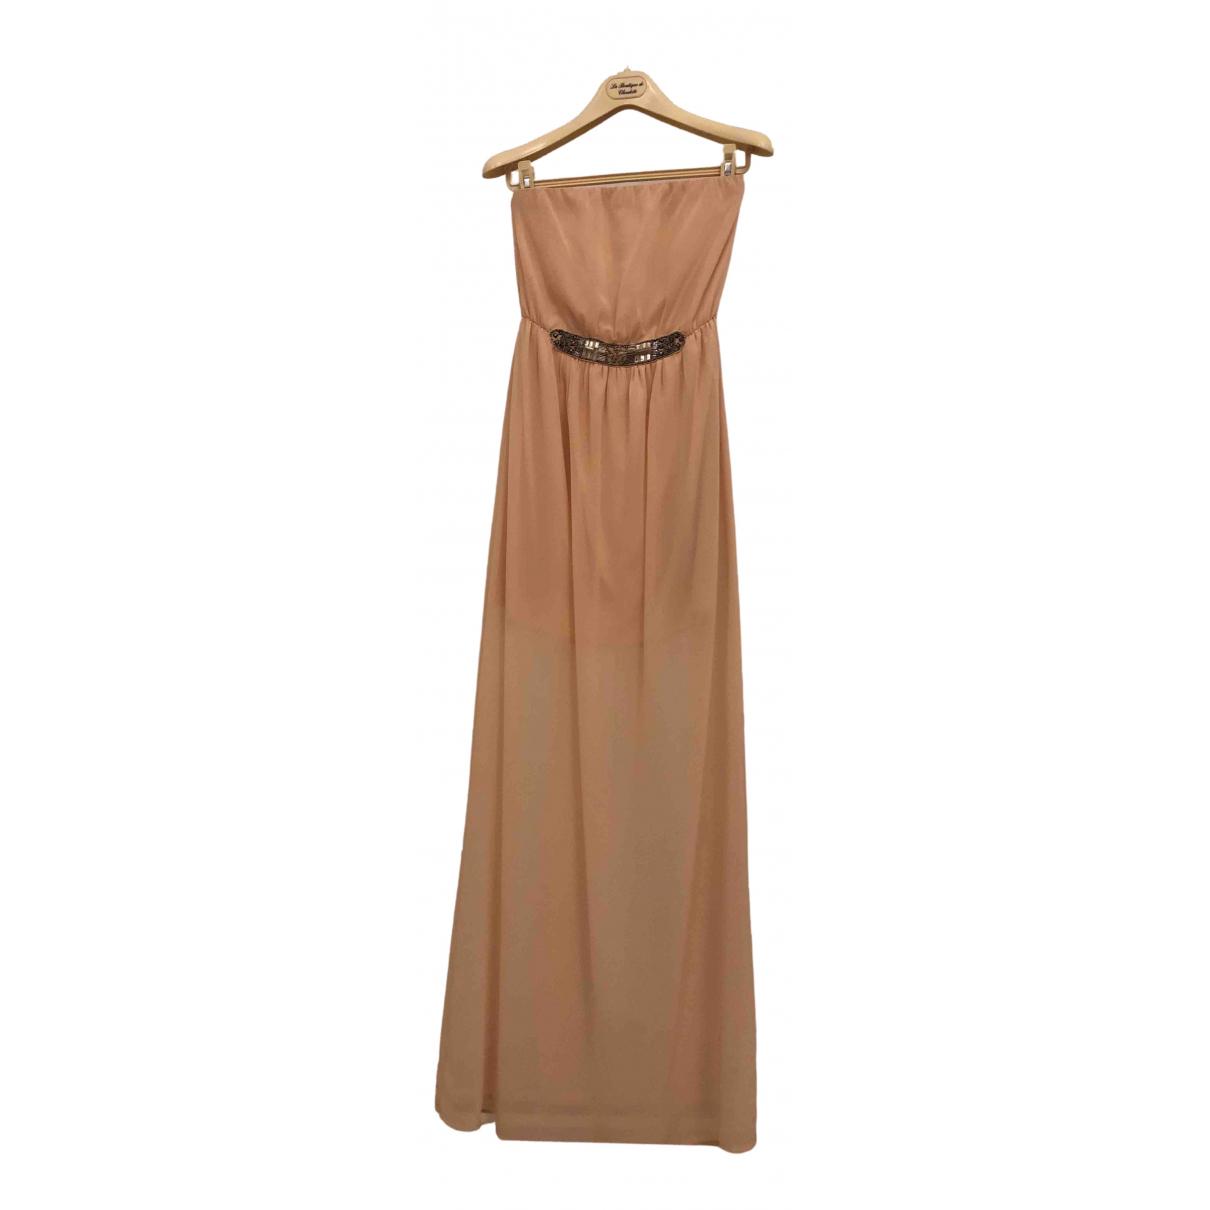 Zara \N Kleid in  Beige Spitze